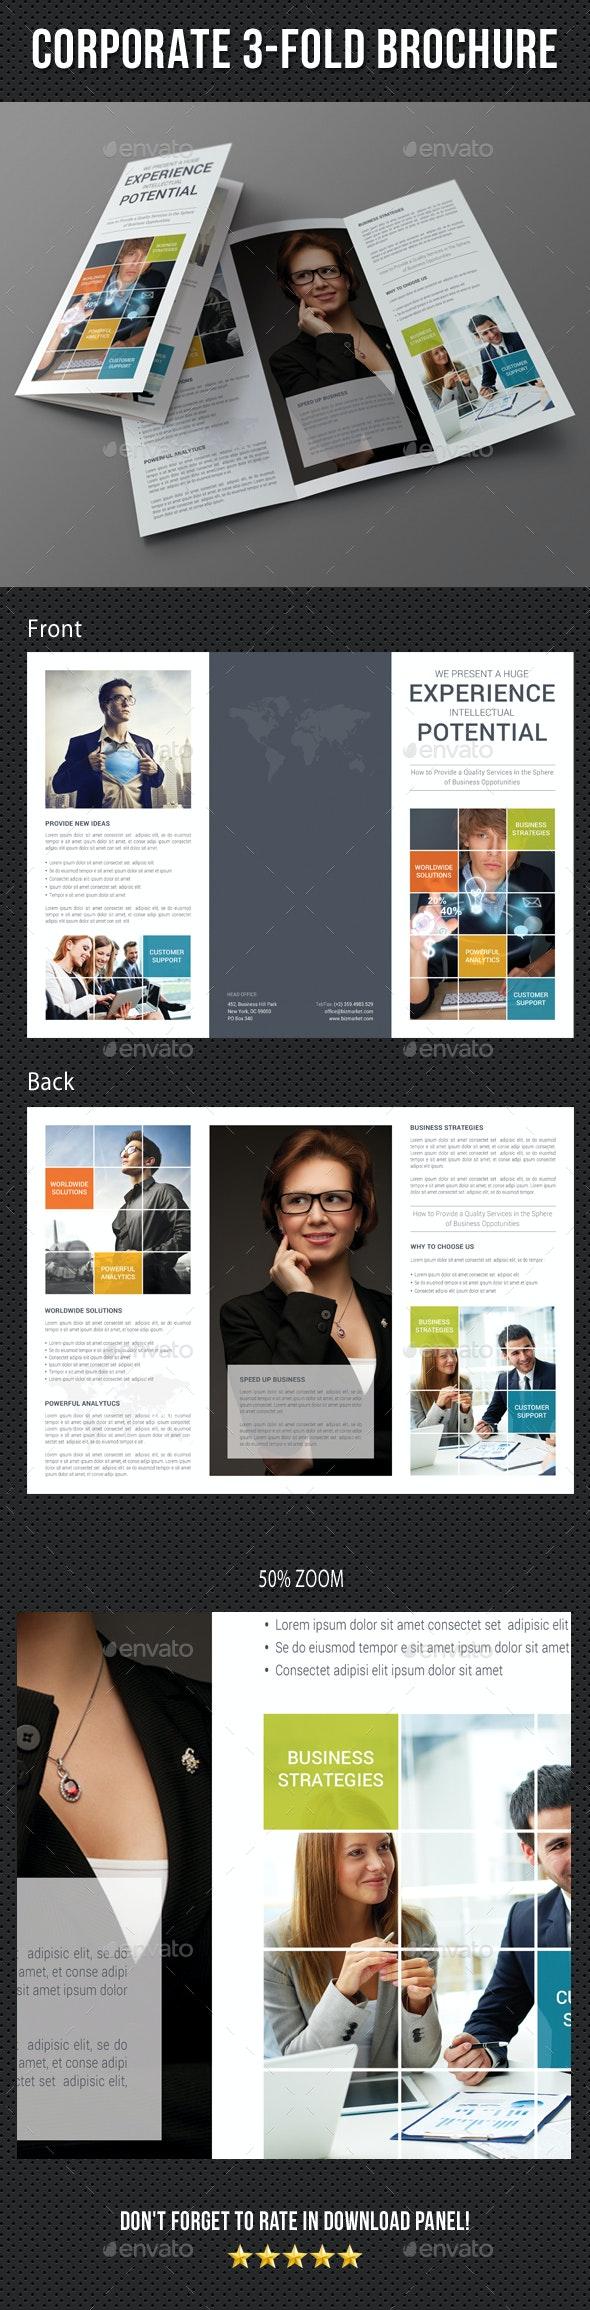 Corporate Business 3-Fold Brochure 04 - Corporate Brochures